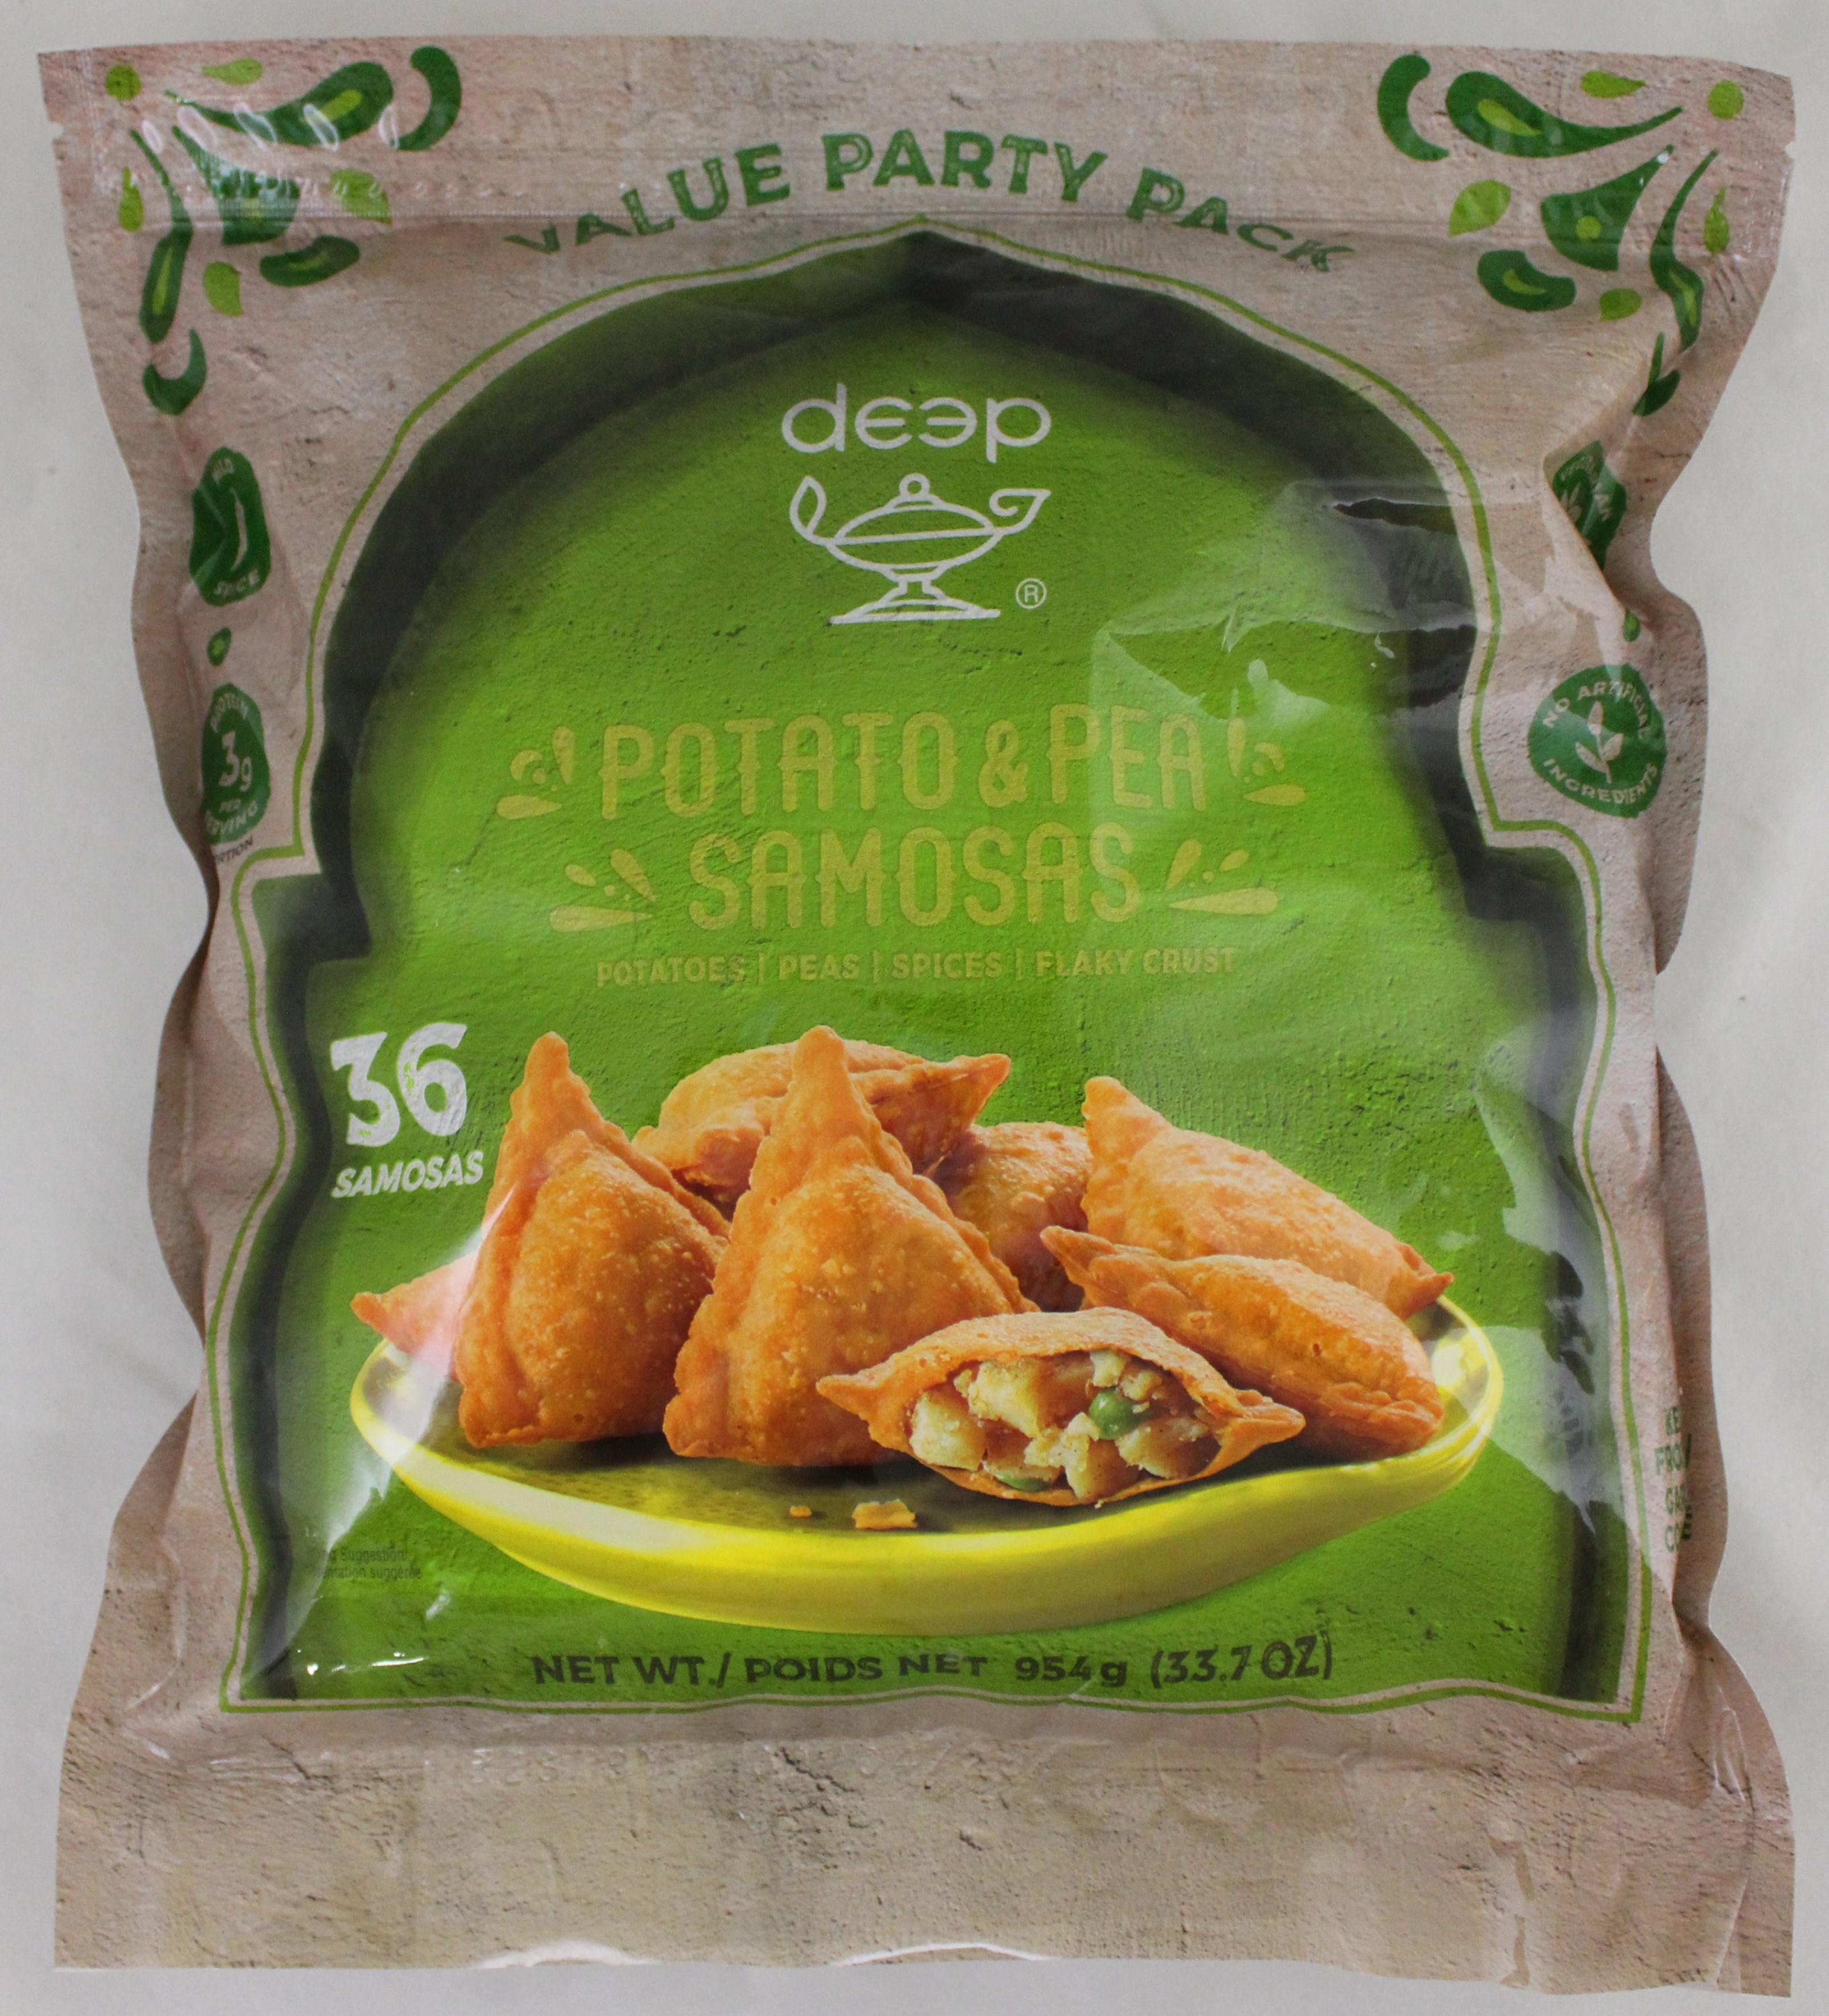 36 Samosa Potato & Peas 34.3 oz